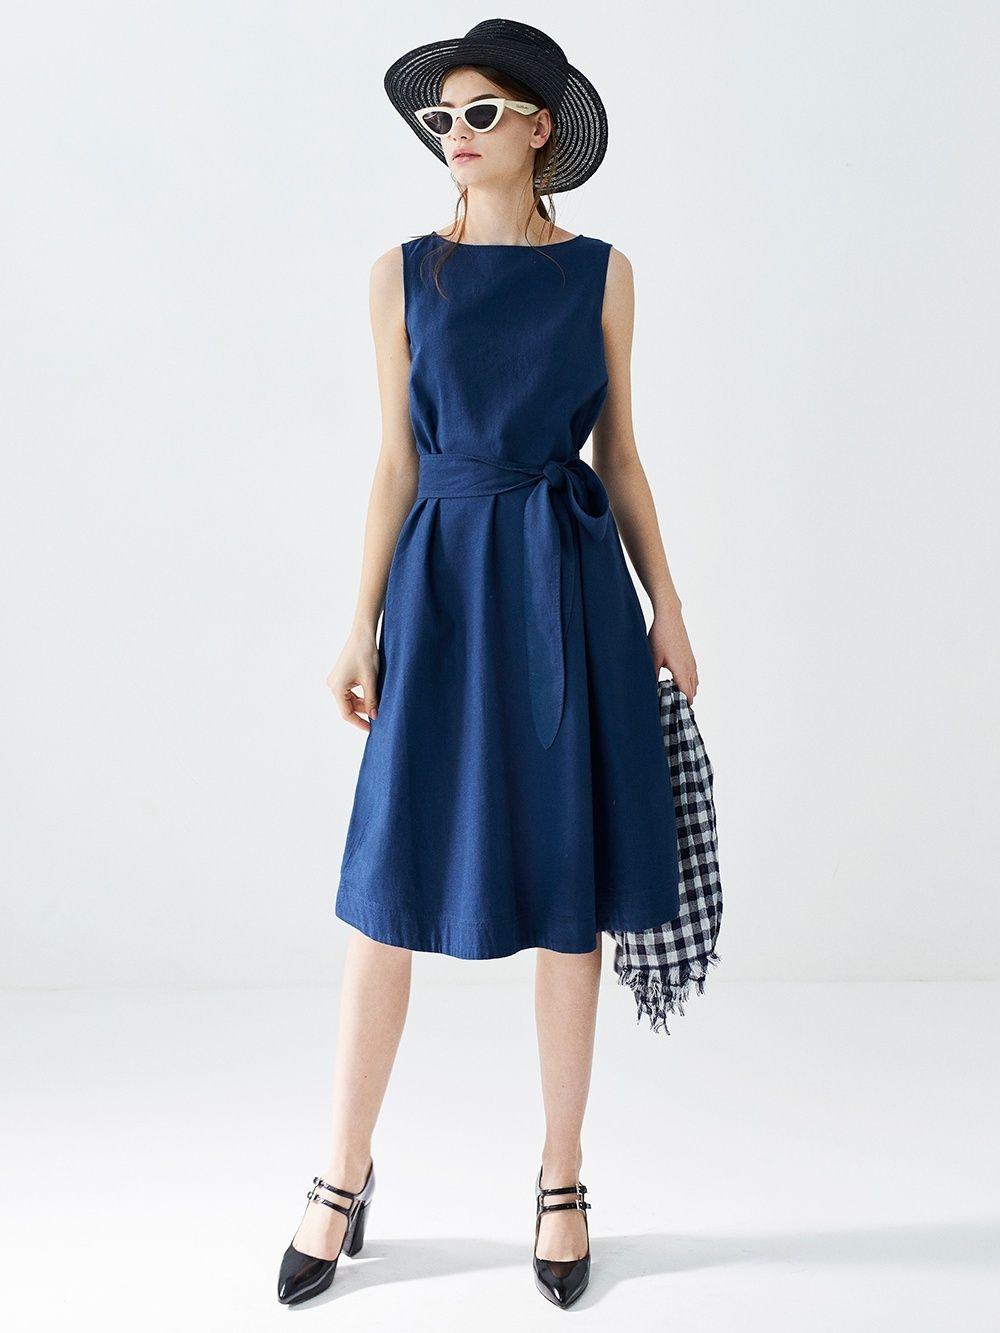 35+ Asda linen blend dresses trends